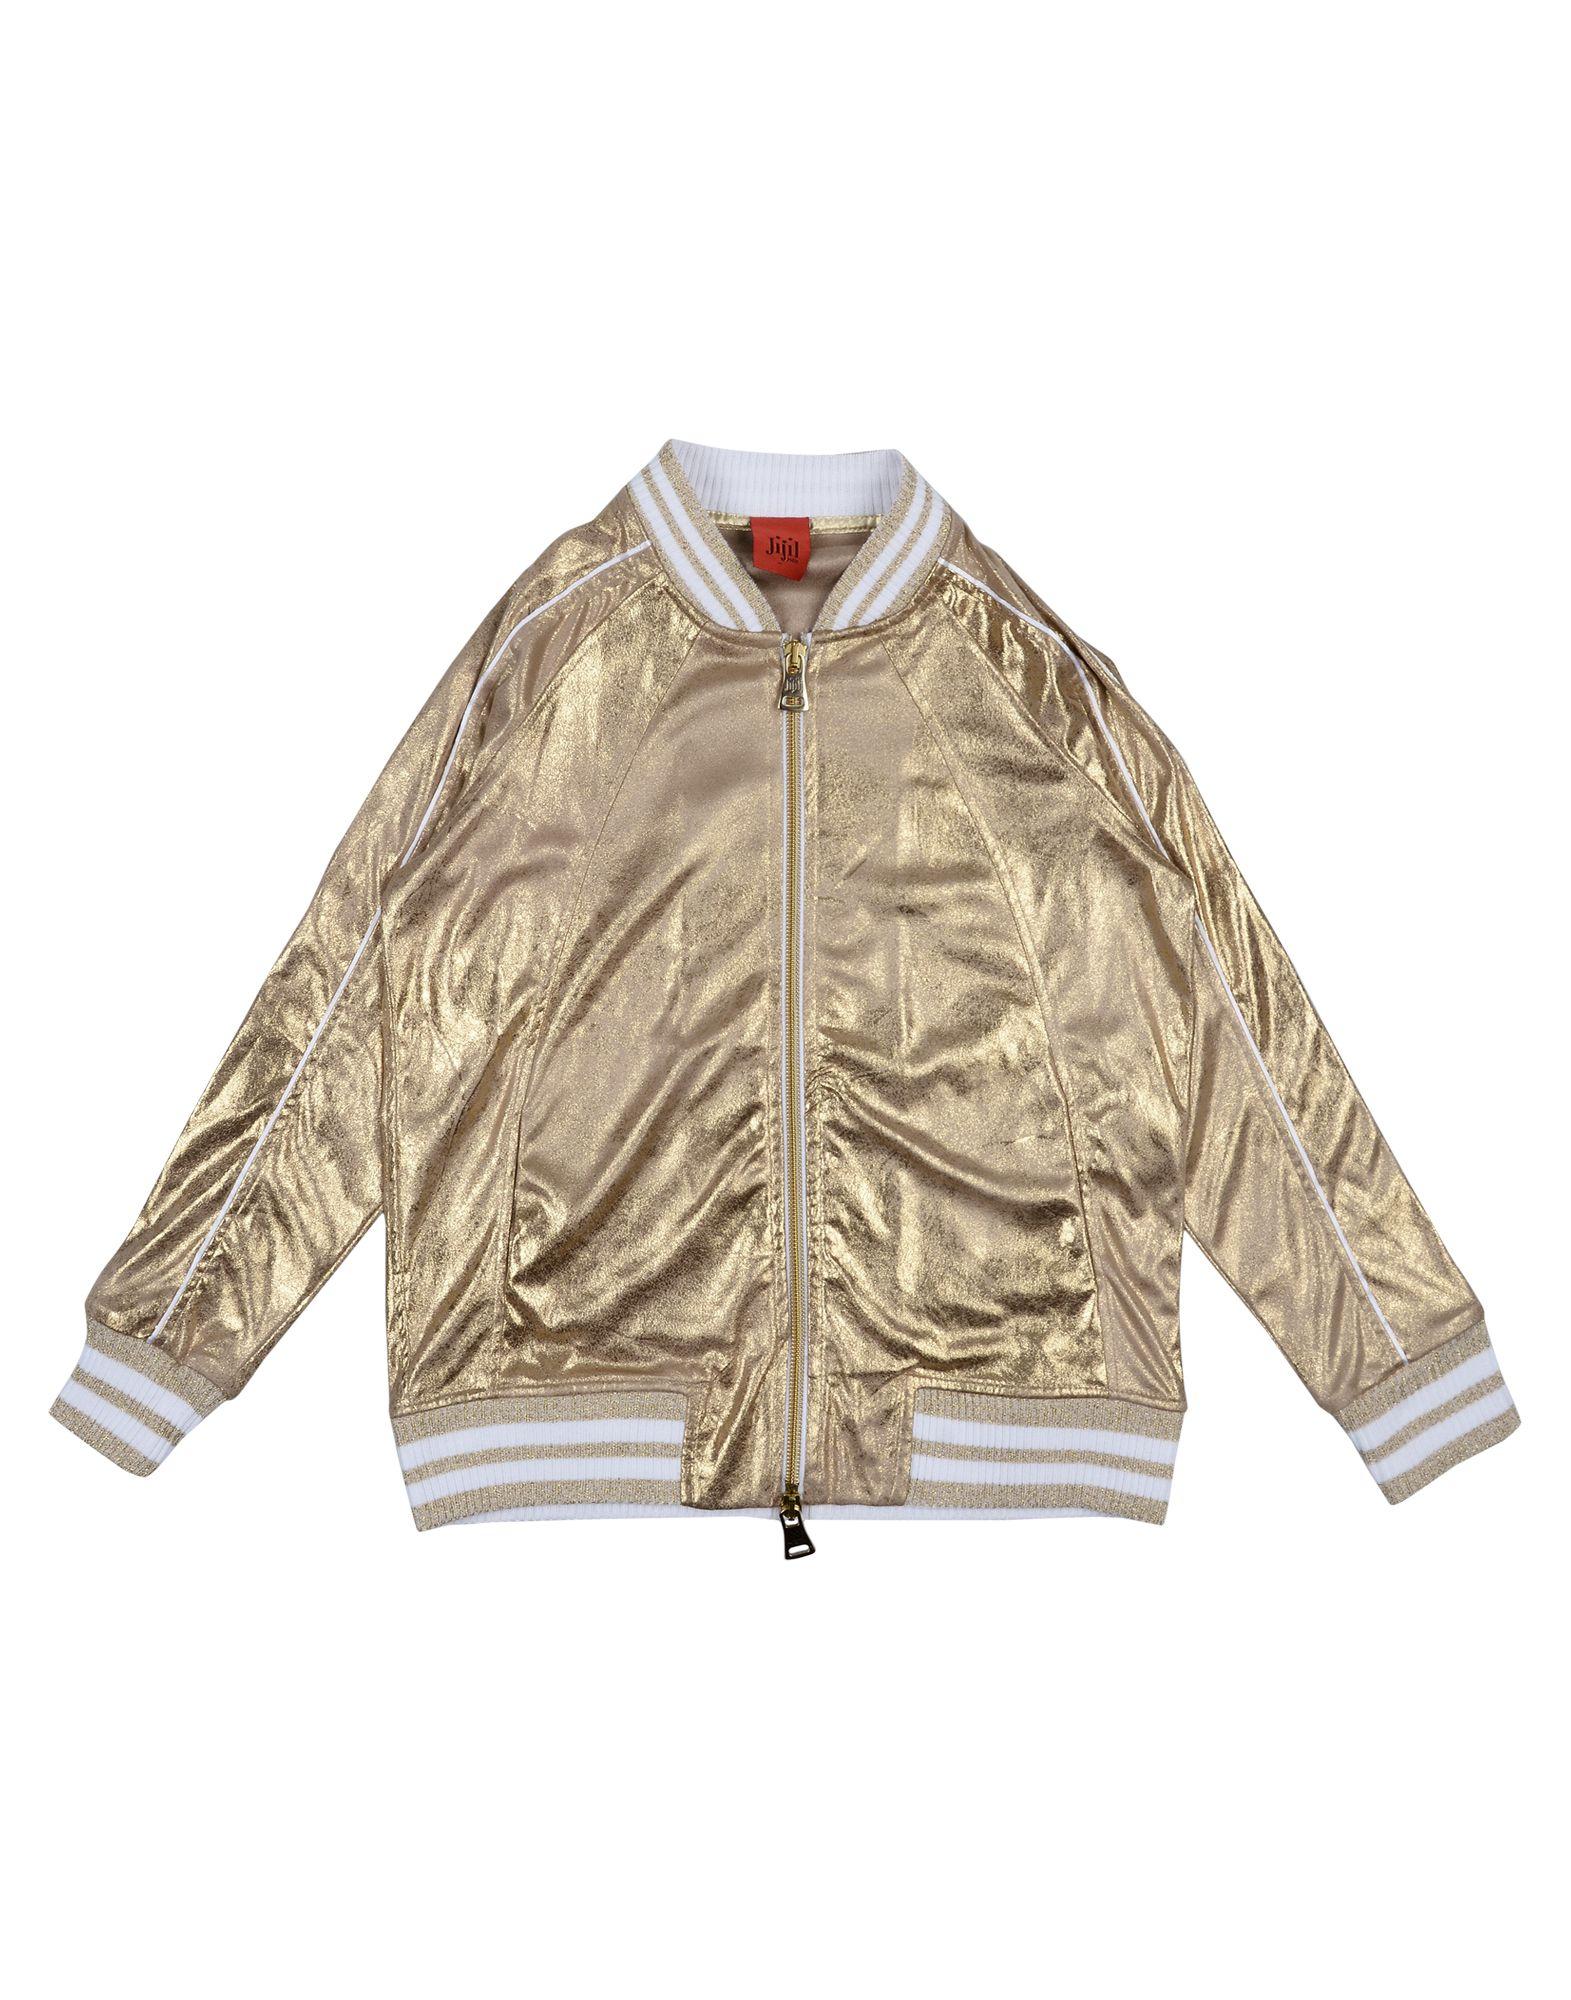 JIJIL JOLIE Mädchen 3-8 jahre Sweatshirt6 gold